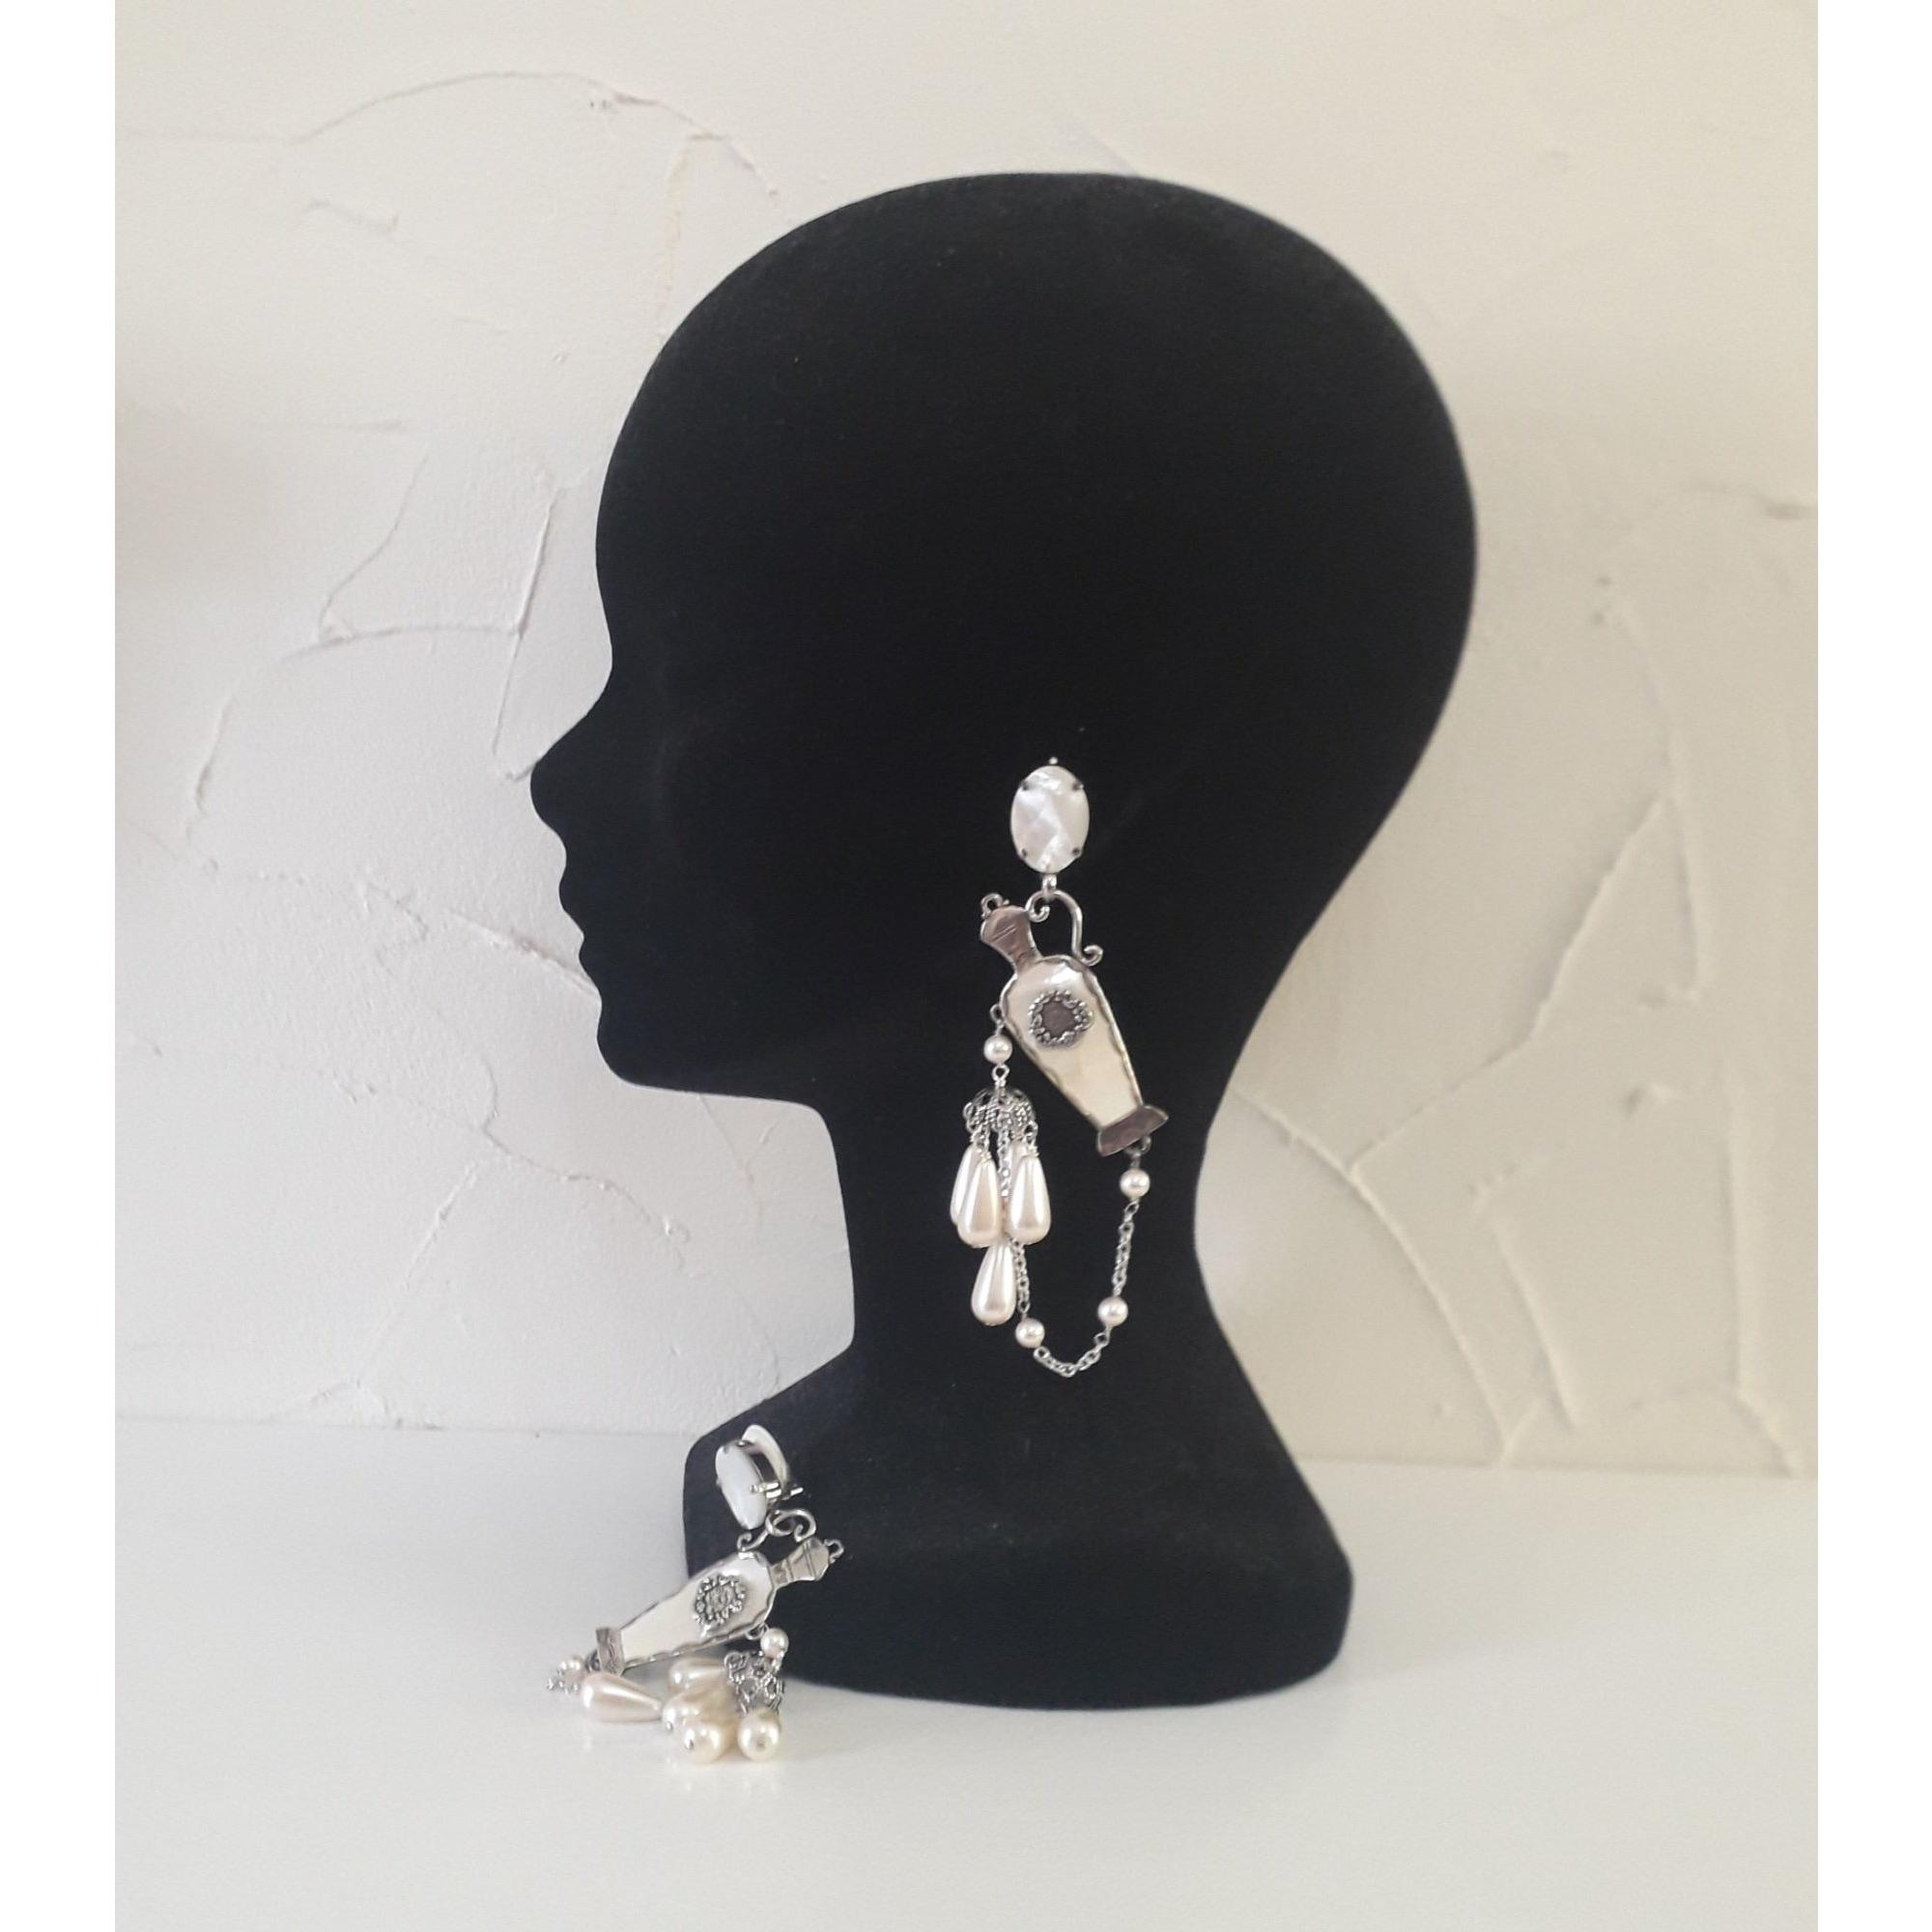 Boucles d'oreille REMINISCENCE argent et blanc nacré